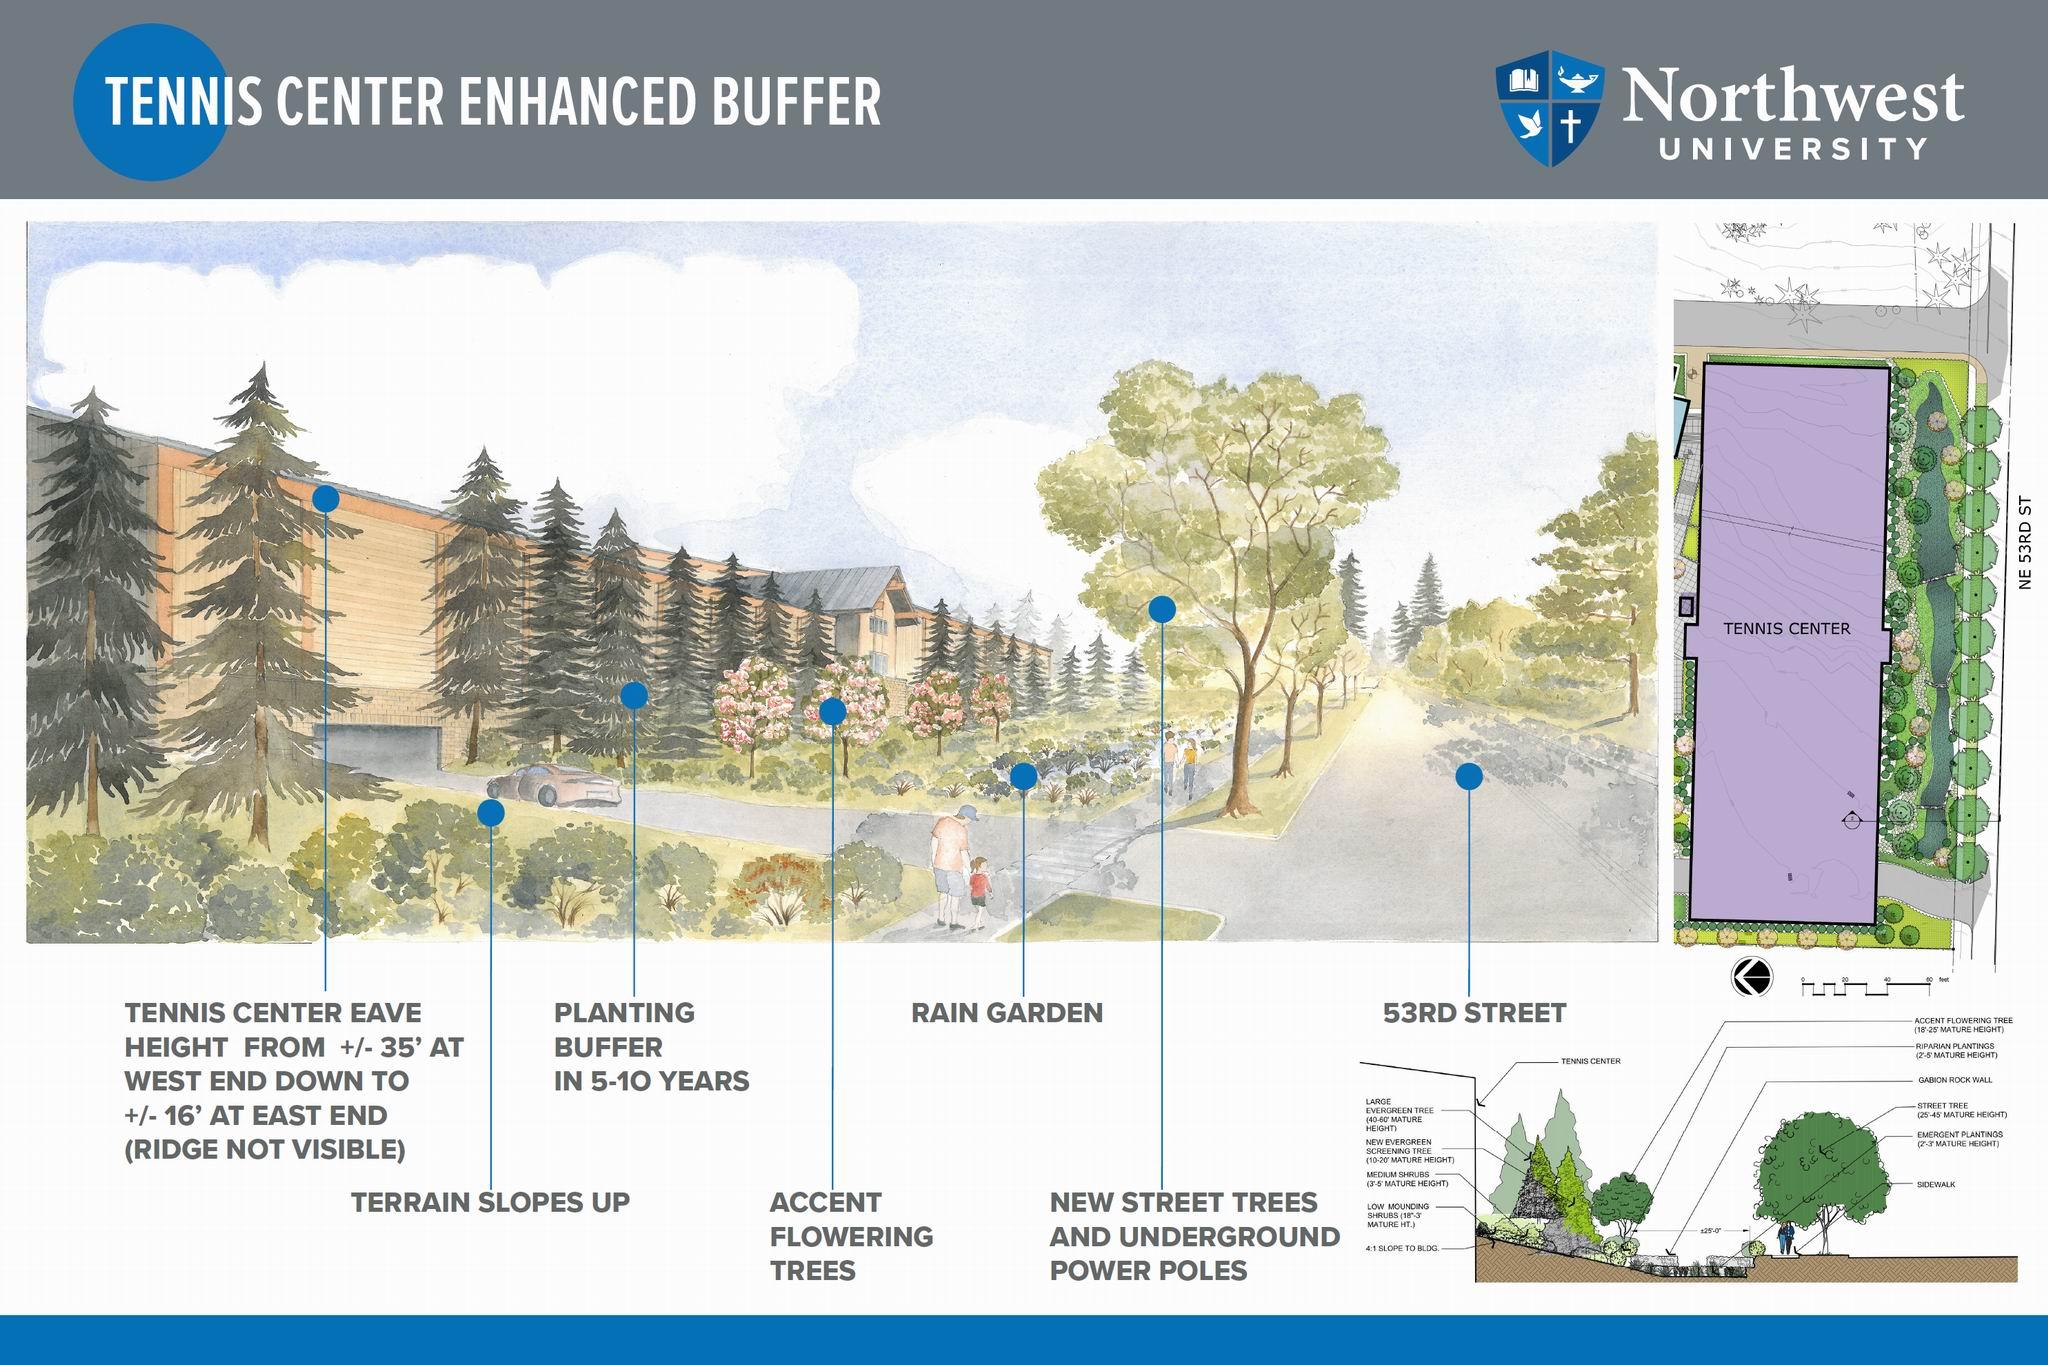 Tennis Center Enhanced Buffer